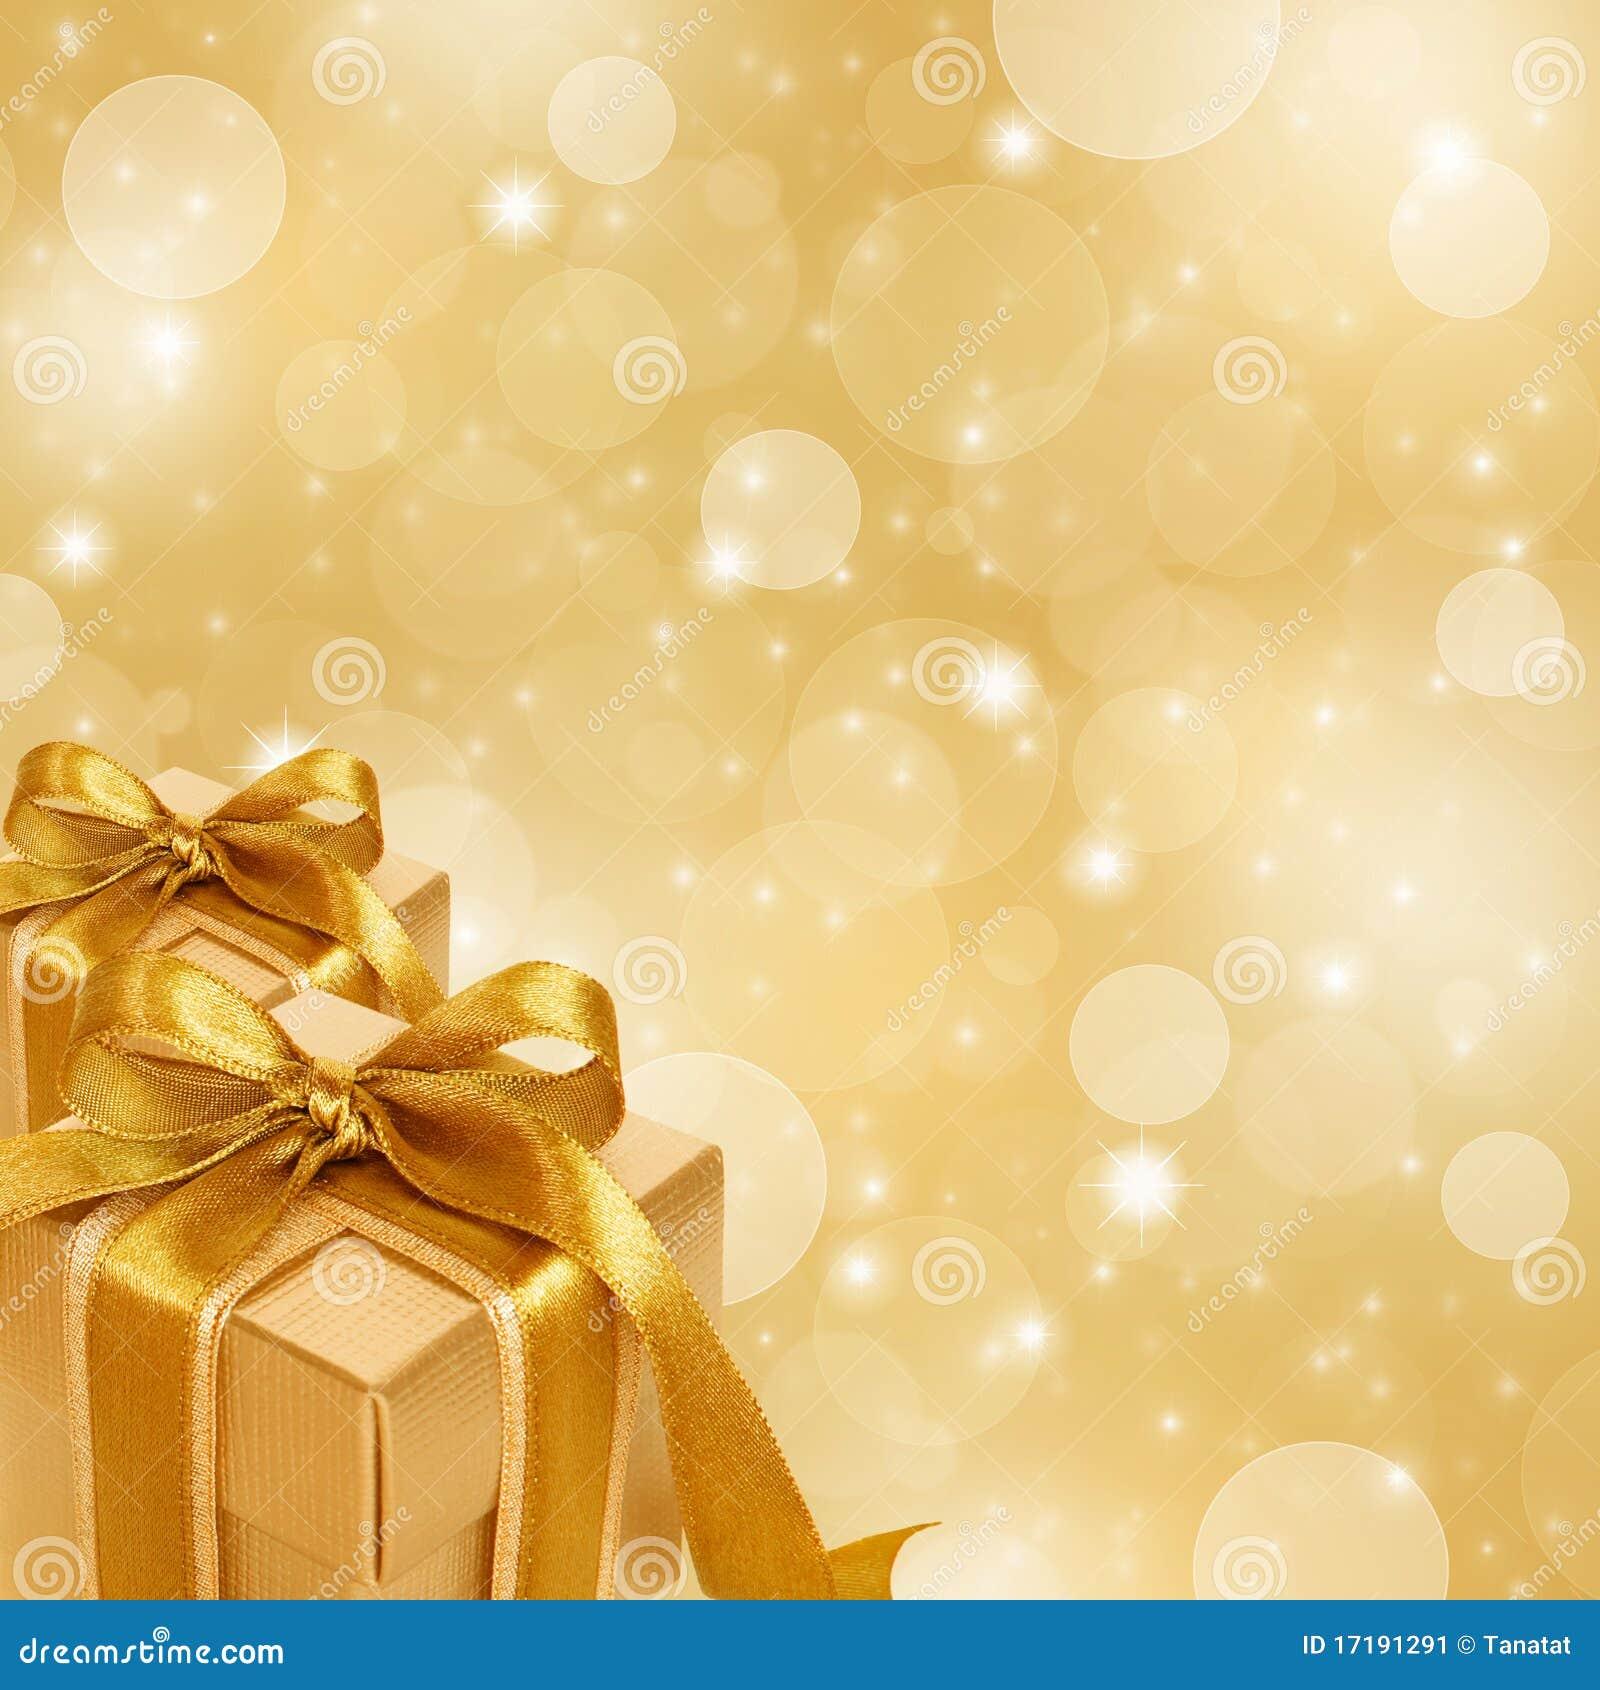 Χρυσό κιβώτιο δώρων στην αφηρημένη χρυσή ανασκόπηση